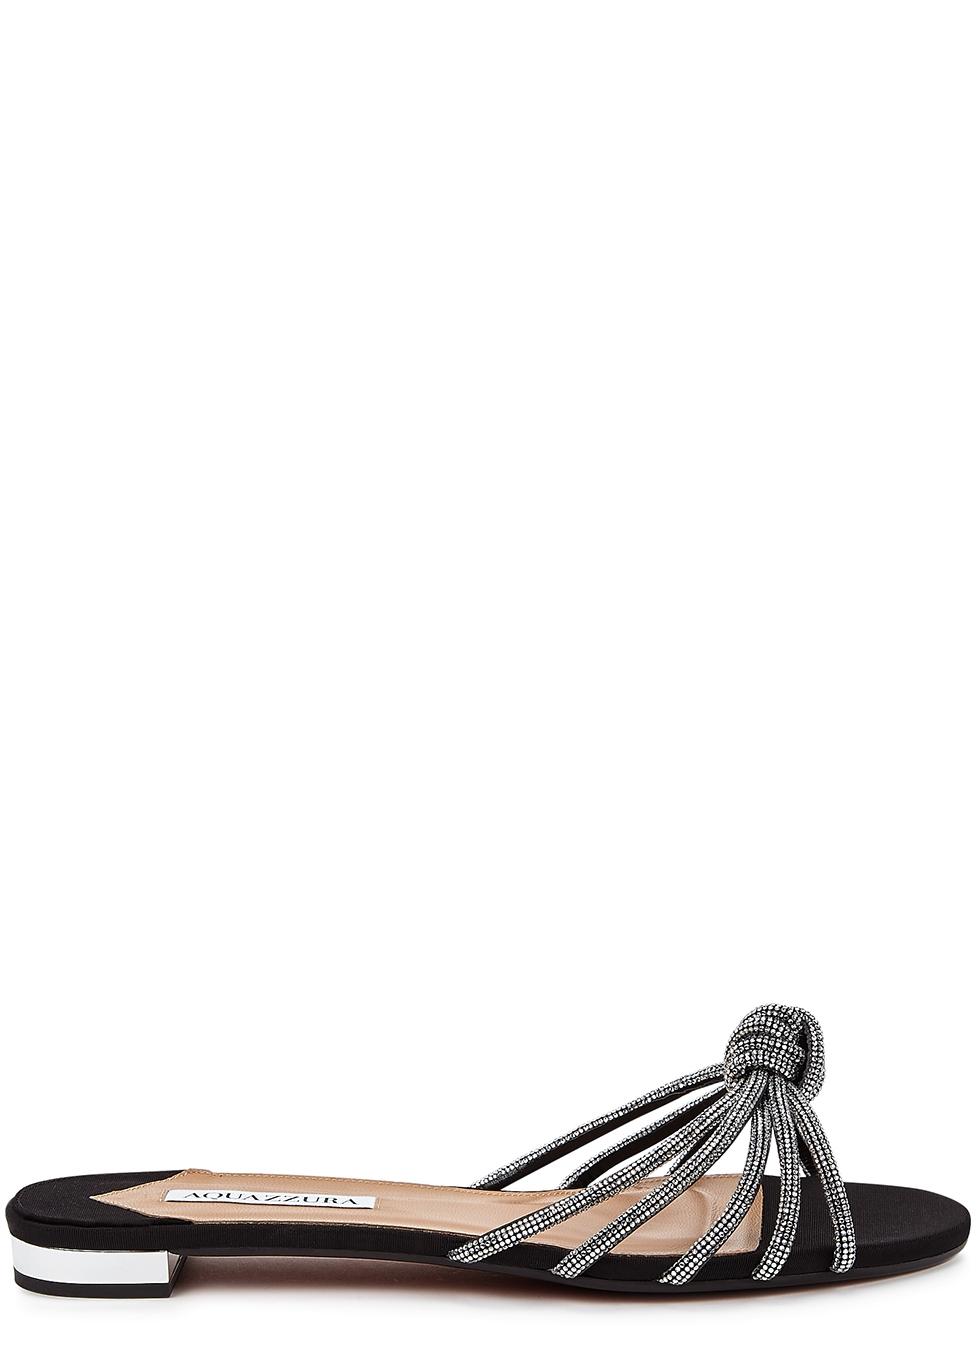 Celeste black embellished sliders